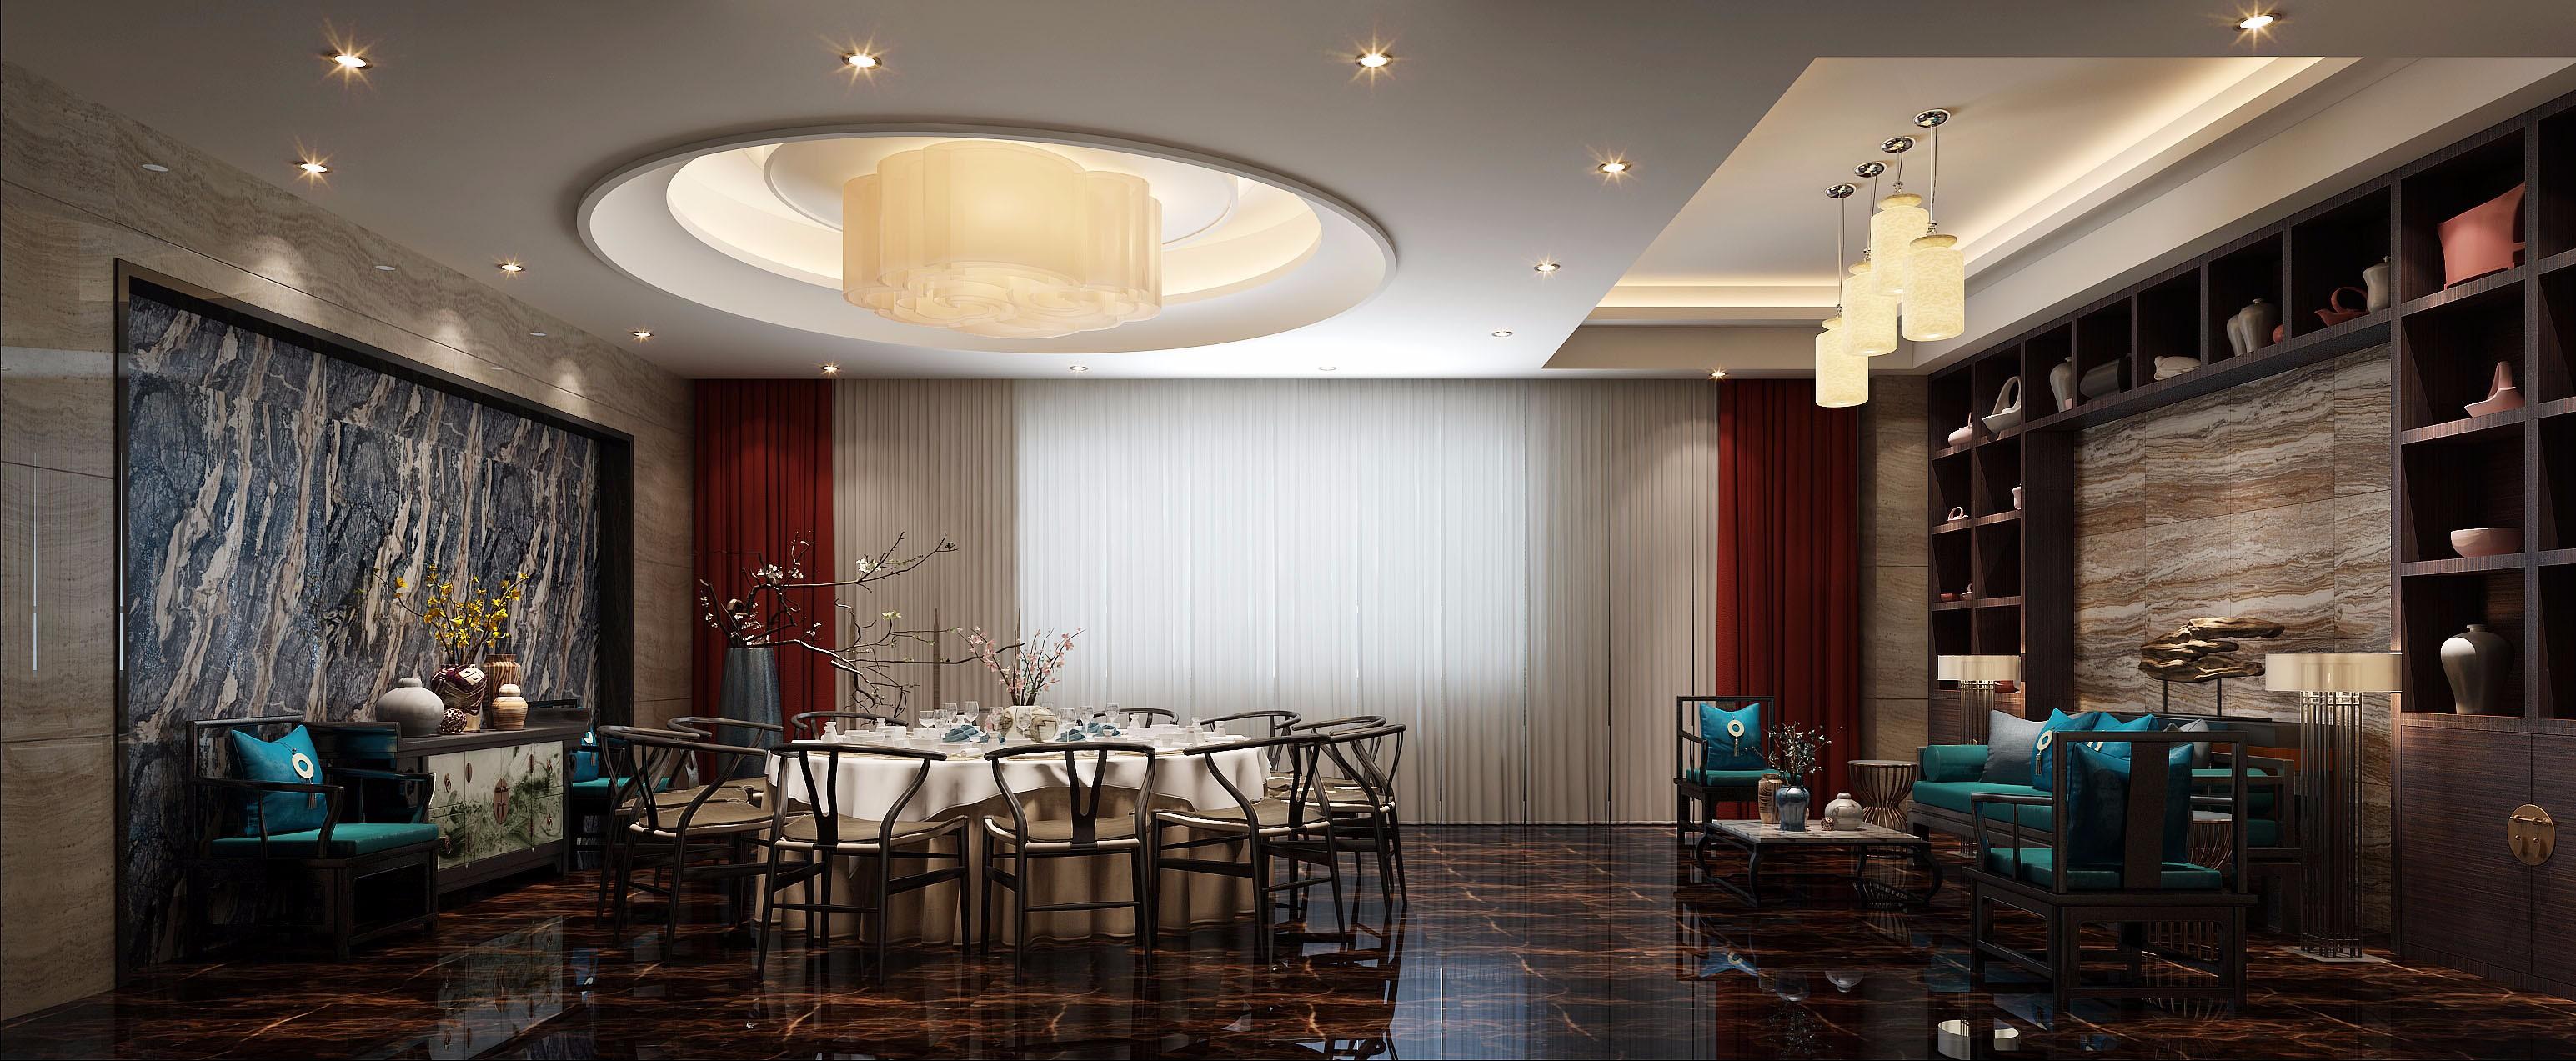 本公司承接室内设计,室内效果图,全景图,室外效果图,施工图深化,工